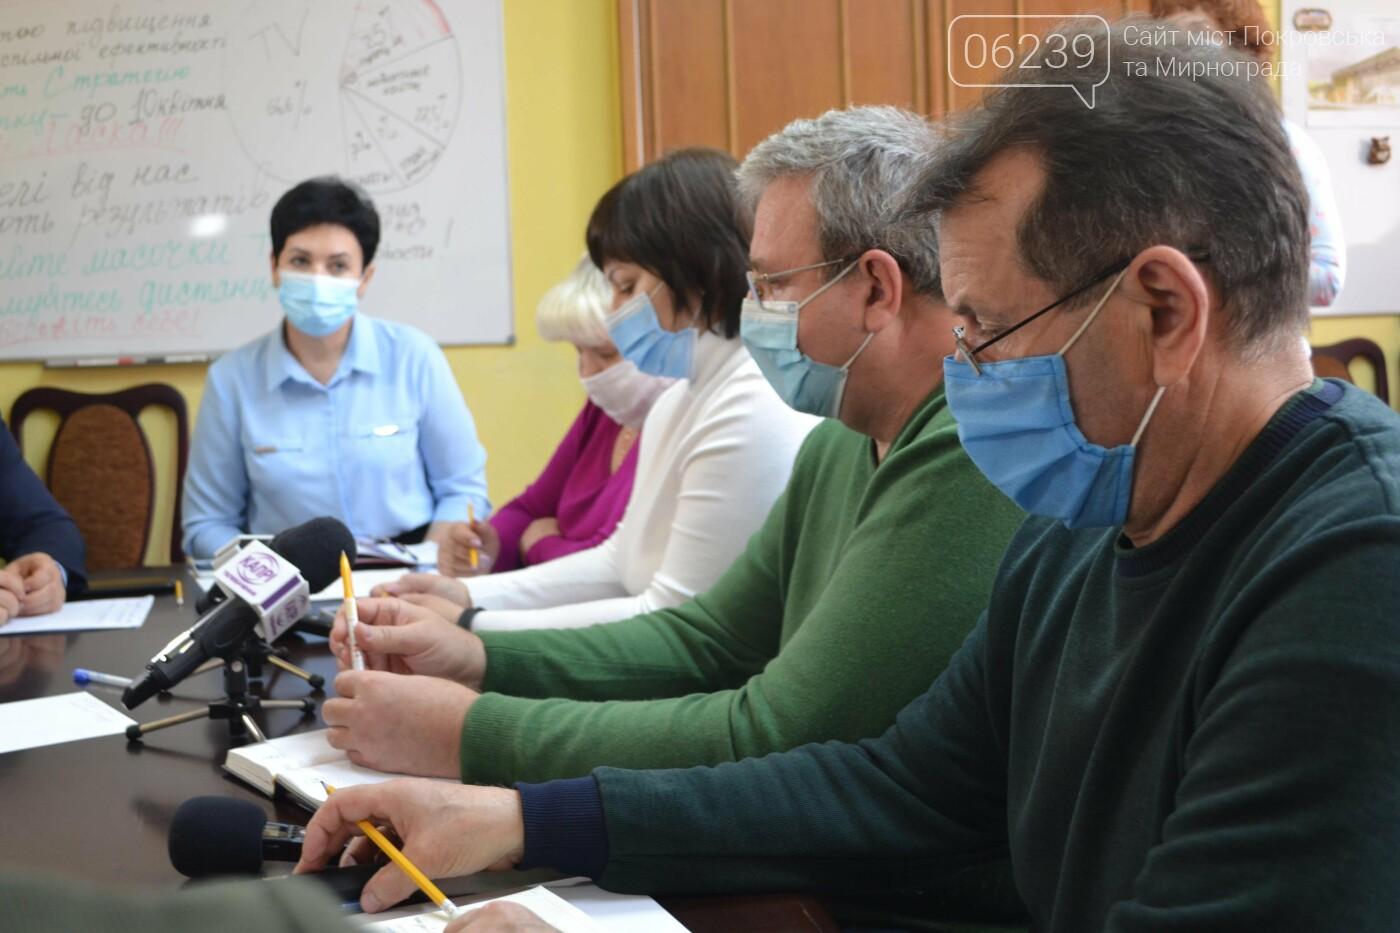 Ситуация ухудшается: в Покровске готовят дополнительное ковидное отделение, фото-2